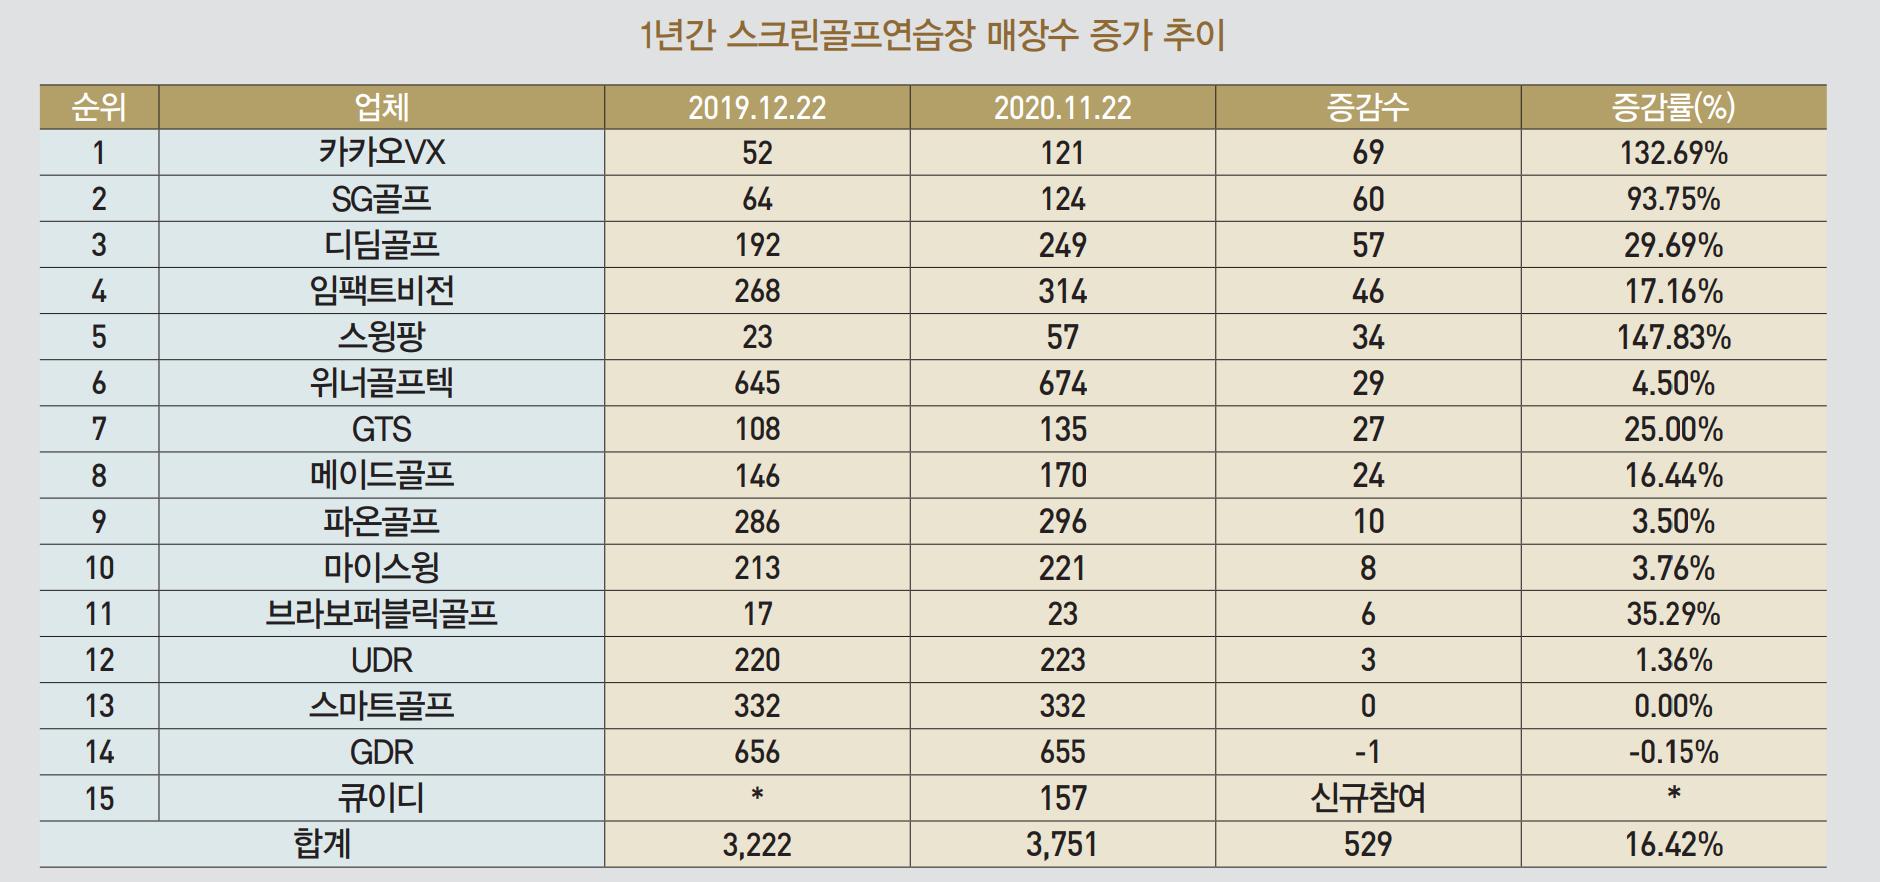 <스크린골프연습장>11월 한달 50개 늘어 전반적 호조...큐이디, 11개, 디딤골프도 8개 늘려